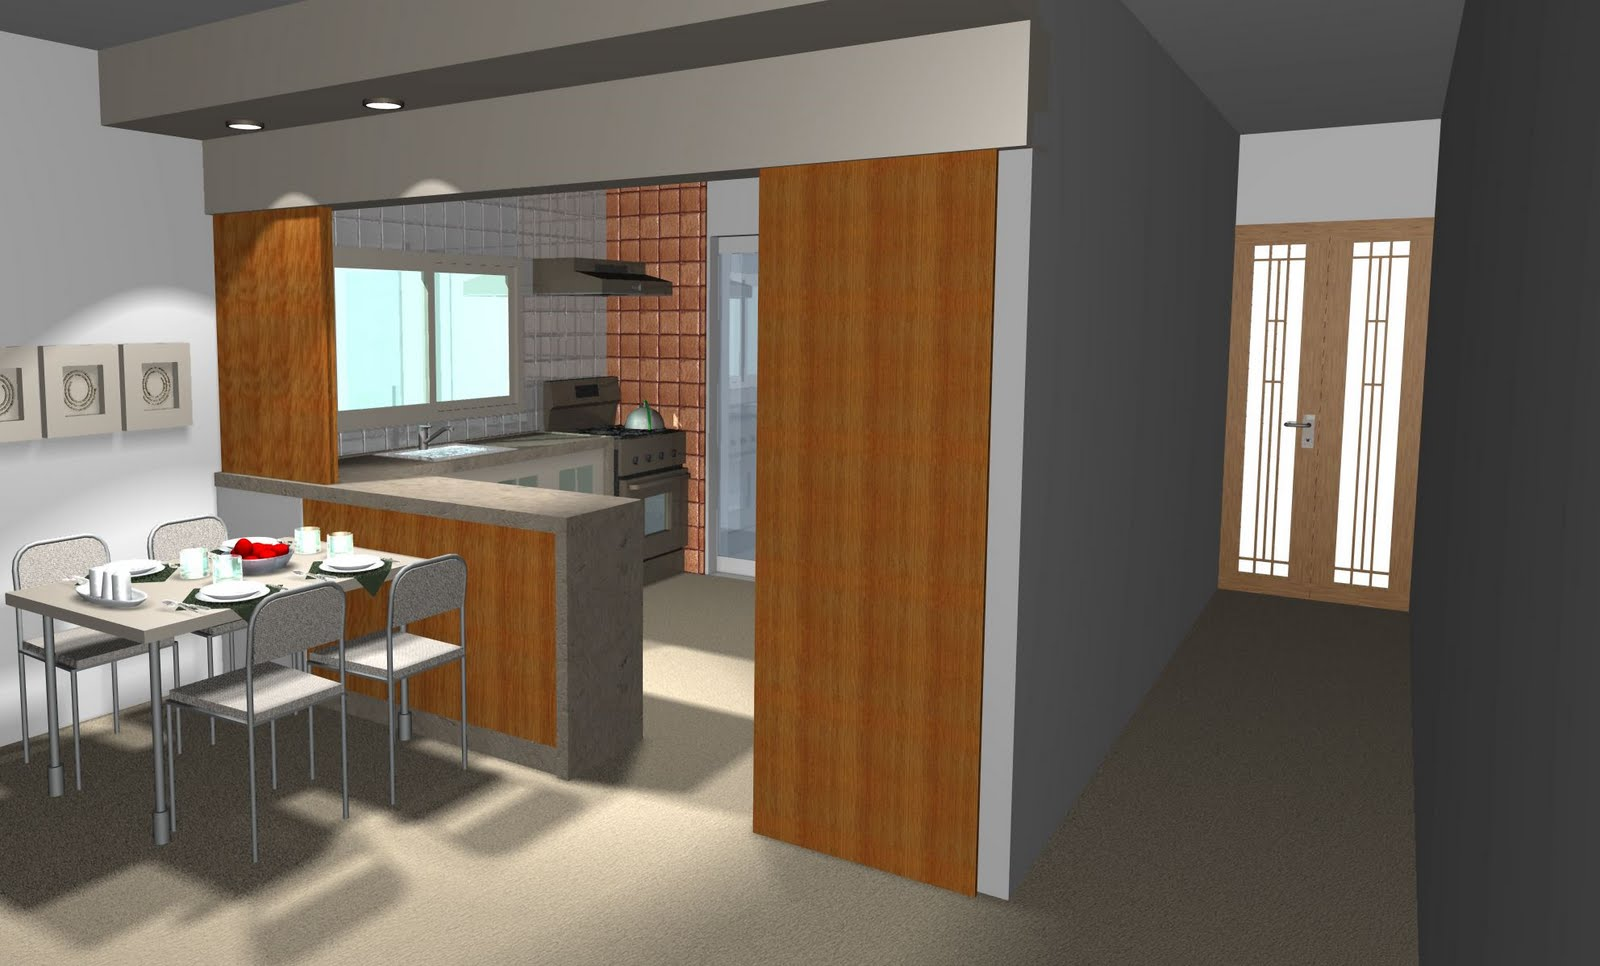 NAX arquitetura: Mais privacidade na cozinha americana #79481E 1600 966